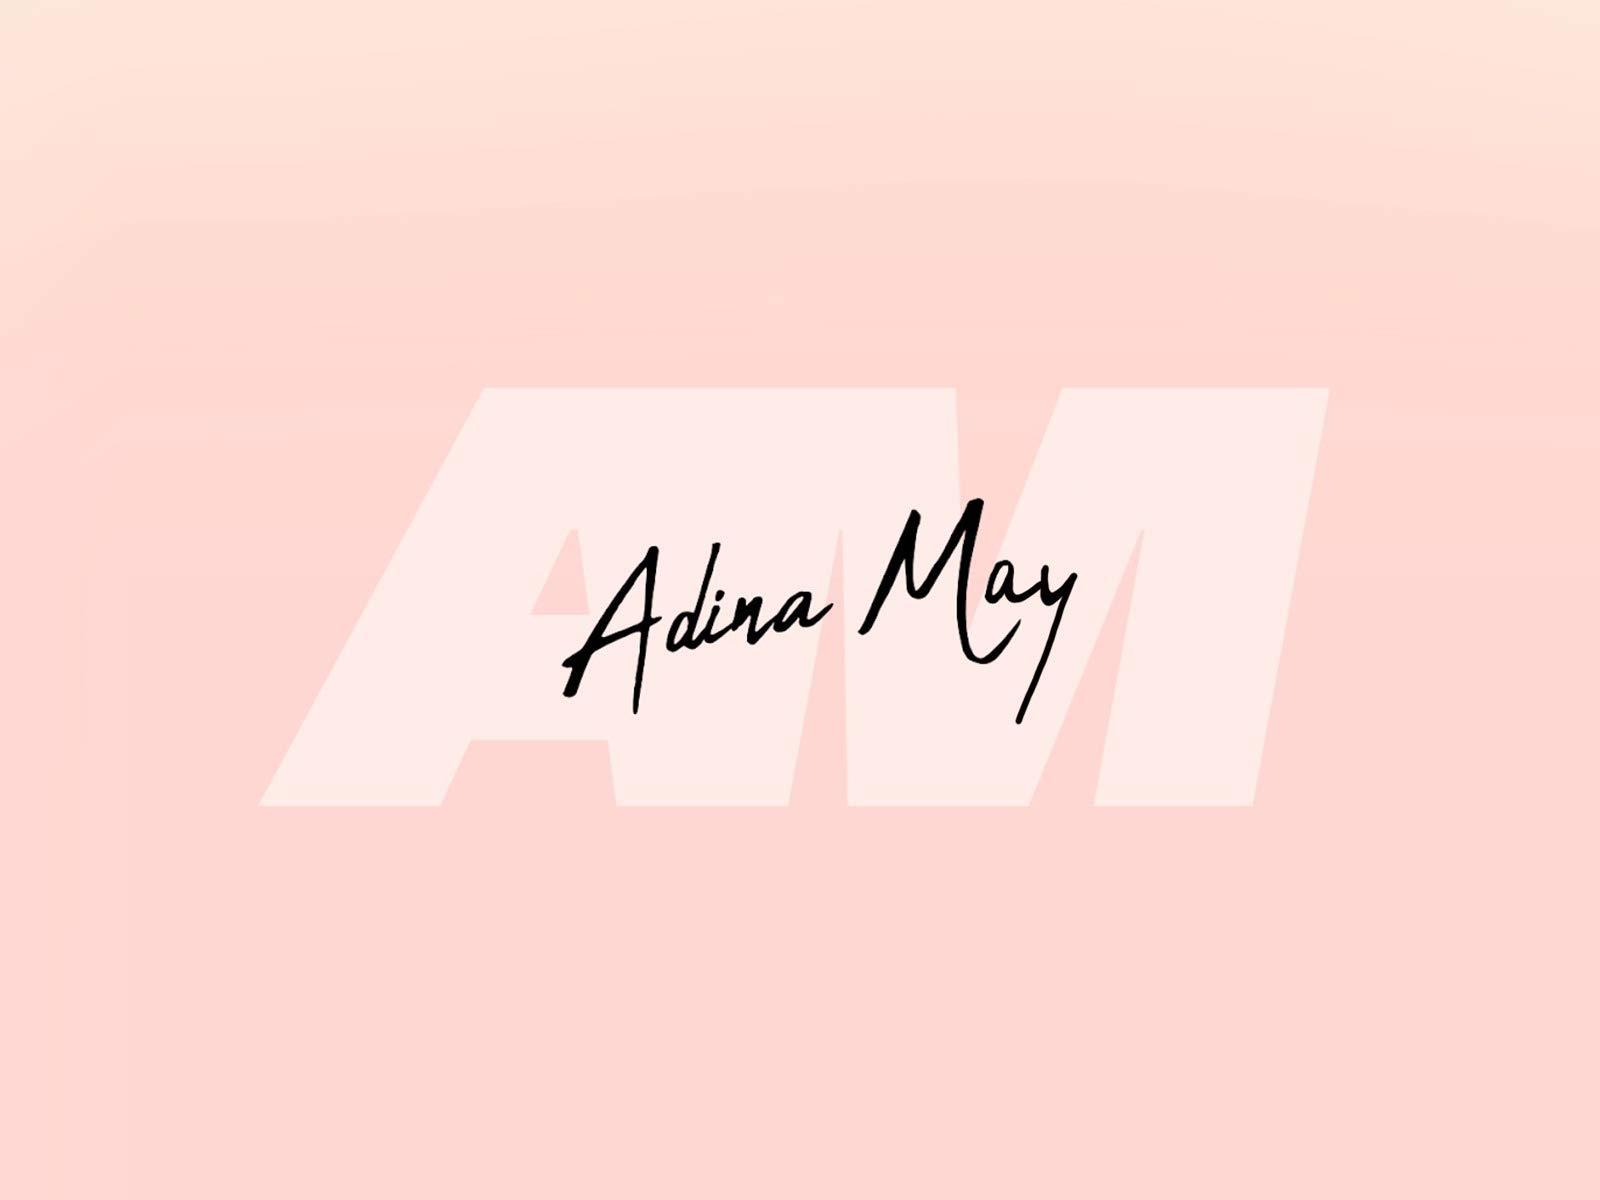 Adina May - Season 1